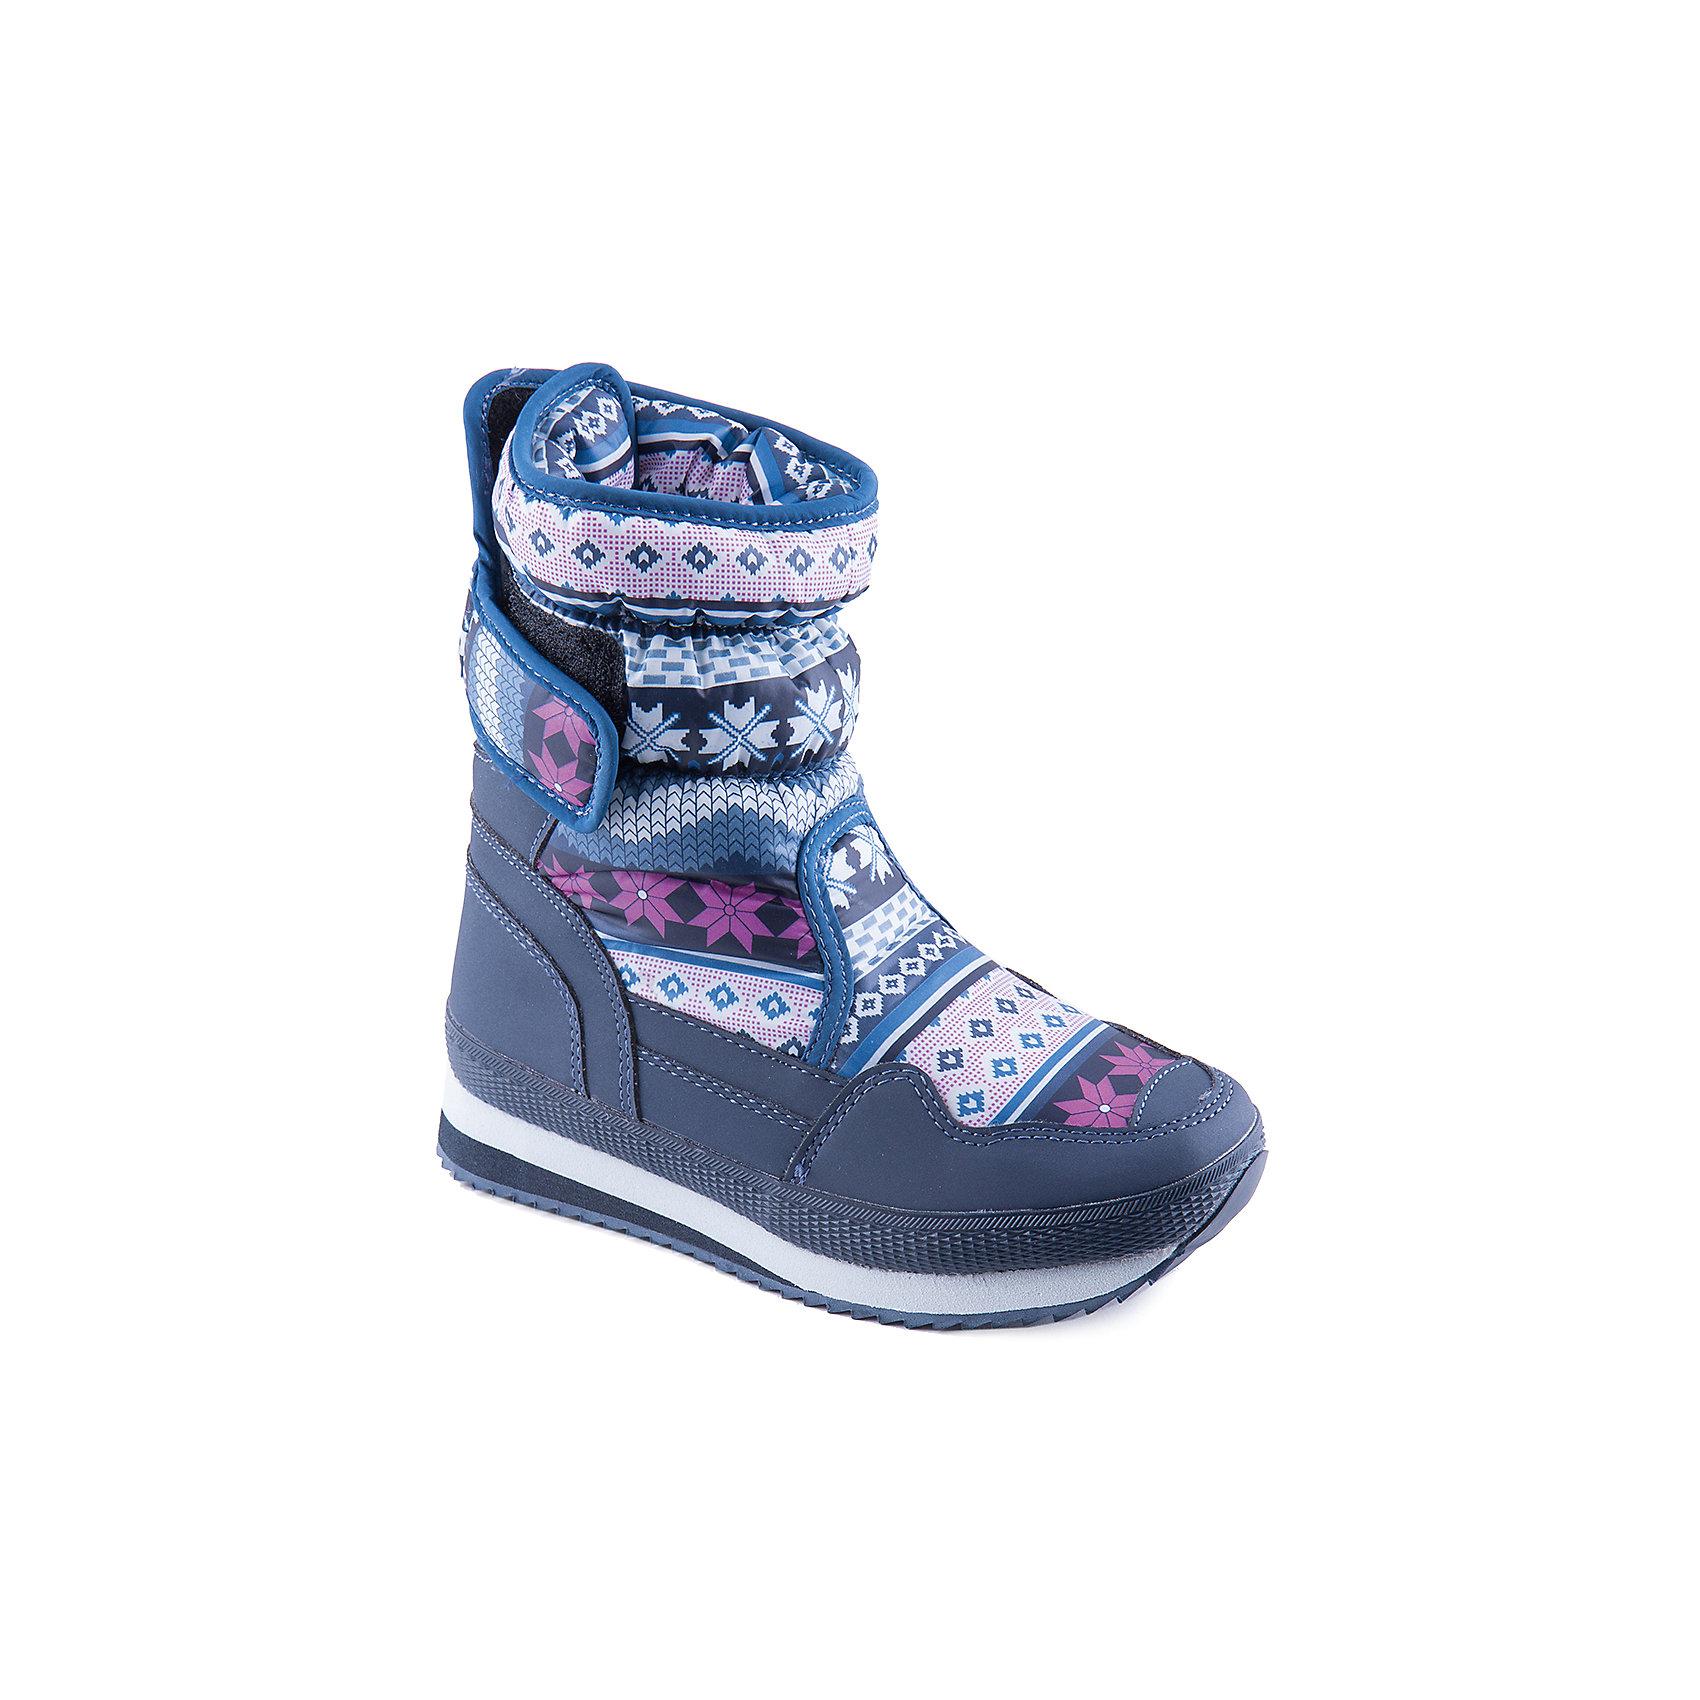 Сапоги для девочки MURSUСтильные сапоги от известного бренда MURSU порадуют всех юных модниц. Модель имеет толстую подошву, отлично защищающую ноги от холода, выполнена из высококачественных материалов, очень хорошо смотрится на ноге.   Прекрасный вариант на холодную погоду. <br><br>Дополнительная информация:<br><br>- Сезон: зима/осень.<br>- Тепловой режим: от -5? до -25? <br>- Рифленая подошва.<br>- Тип застежки: липучка. <br>- Декоративные элементы: принт, отстрочка.<br><br>Состав:<br>- Материал верха: текстиль/ искусственная замша.<br>- Материал подкладки: искусственная шерсть.<br>- Материал подошвы: TEP.<br>- Материал стельки: искусственная шерсть.<br><br>Сапоги для девочки MURSU (Мурсу) можно купить в нашем магазине.<br><br>Ширина мм: 257<br>Глубина мм: 180<br>Высота мм: 130<br>Вес г: 420<br>Цвет: синий<br>Возраст от месяцев: 144<br>Возраст до месяцев: 156<br>Пол: Женский<br>Возраст: Детский<br>Размер: 36,32,37,34,33,35<br>SKU: 4202589